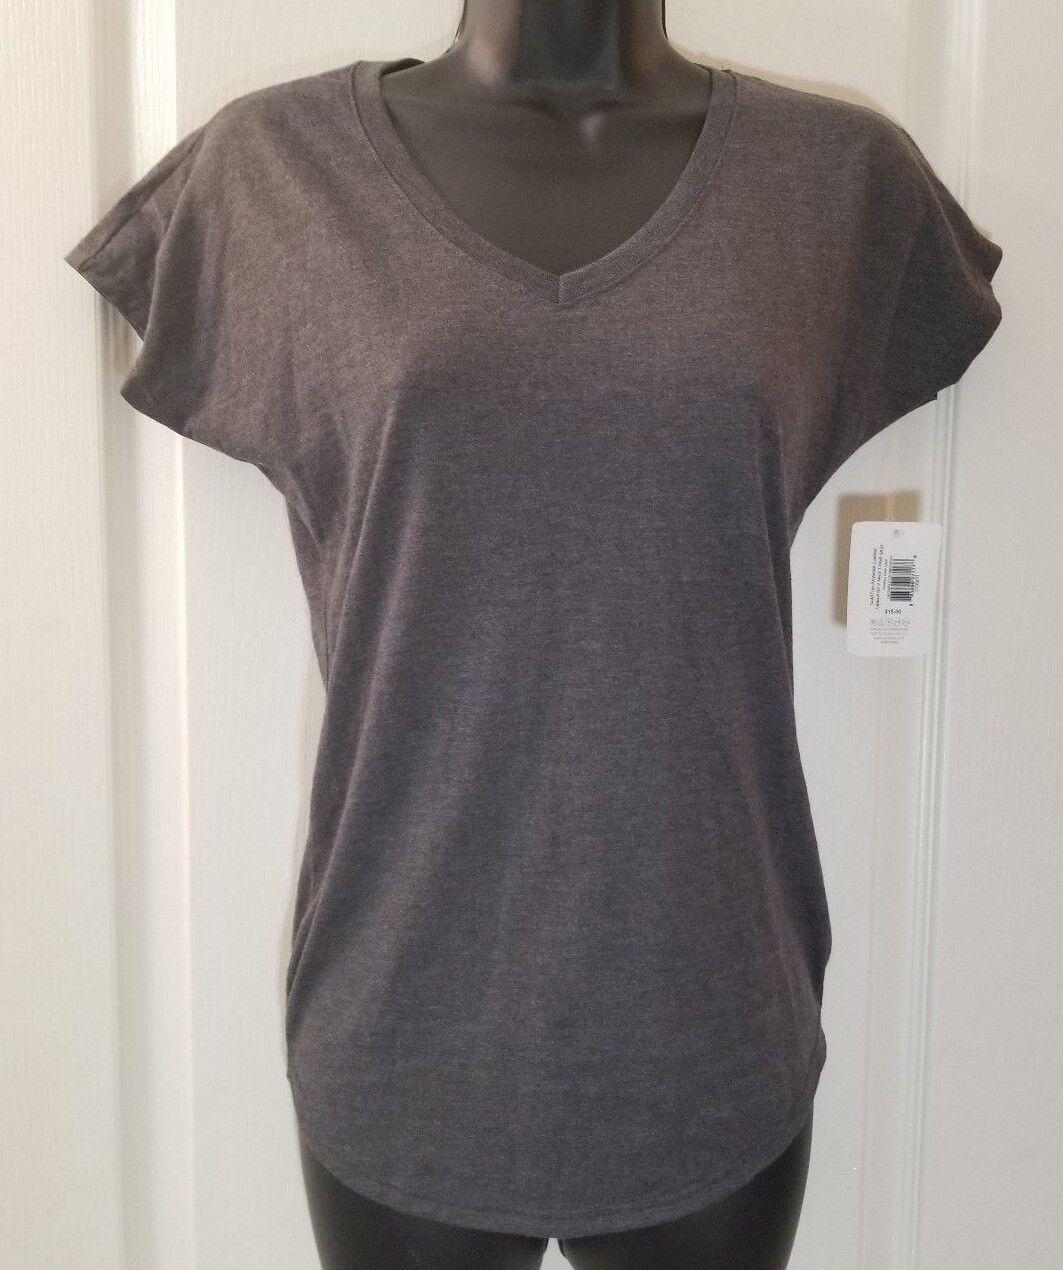 GOLD TOE Sz Small Gray Short Sleeve V-Neck Tee T-Shirt F2